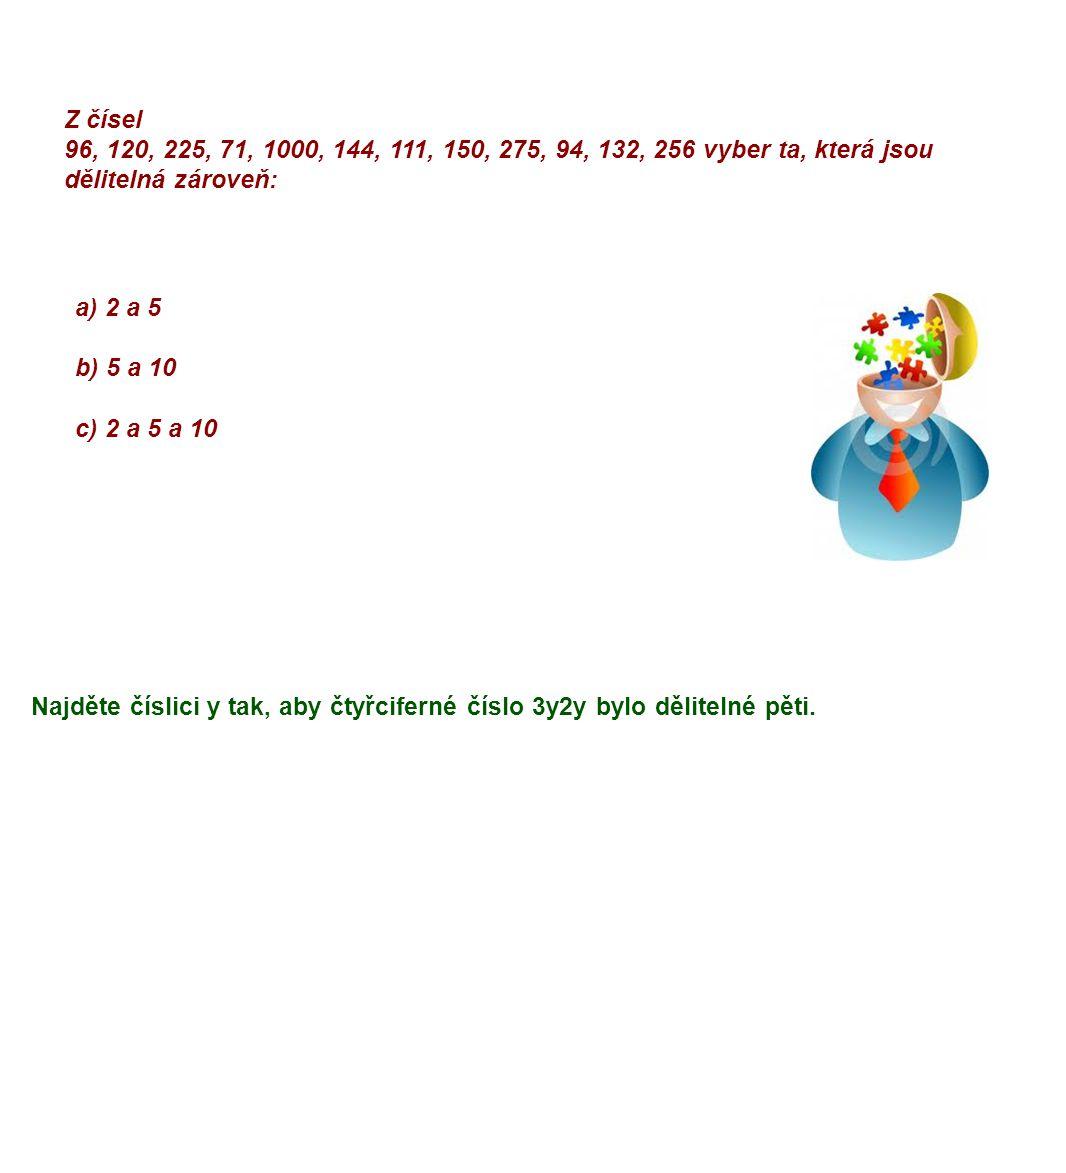 Z čísel 96, 120, 225, 71, 1000, 144, 111, 150, 275, 94, 132, 256 vyber ta, která jsou dělitelná zároveň: a) 2 a 5 b) 5 a 10 c) 2 a 5 a 10 Najděte číslici y tak, aby čtyřciferné číslo 3y2y bylo dělitelné pěti.